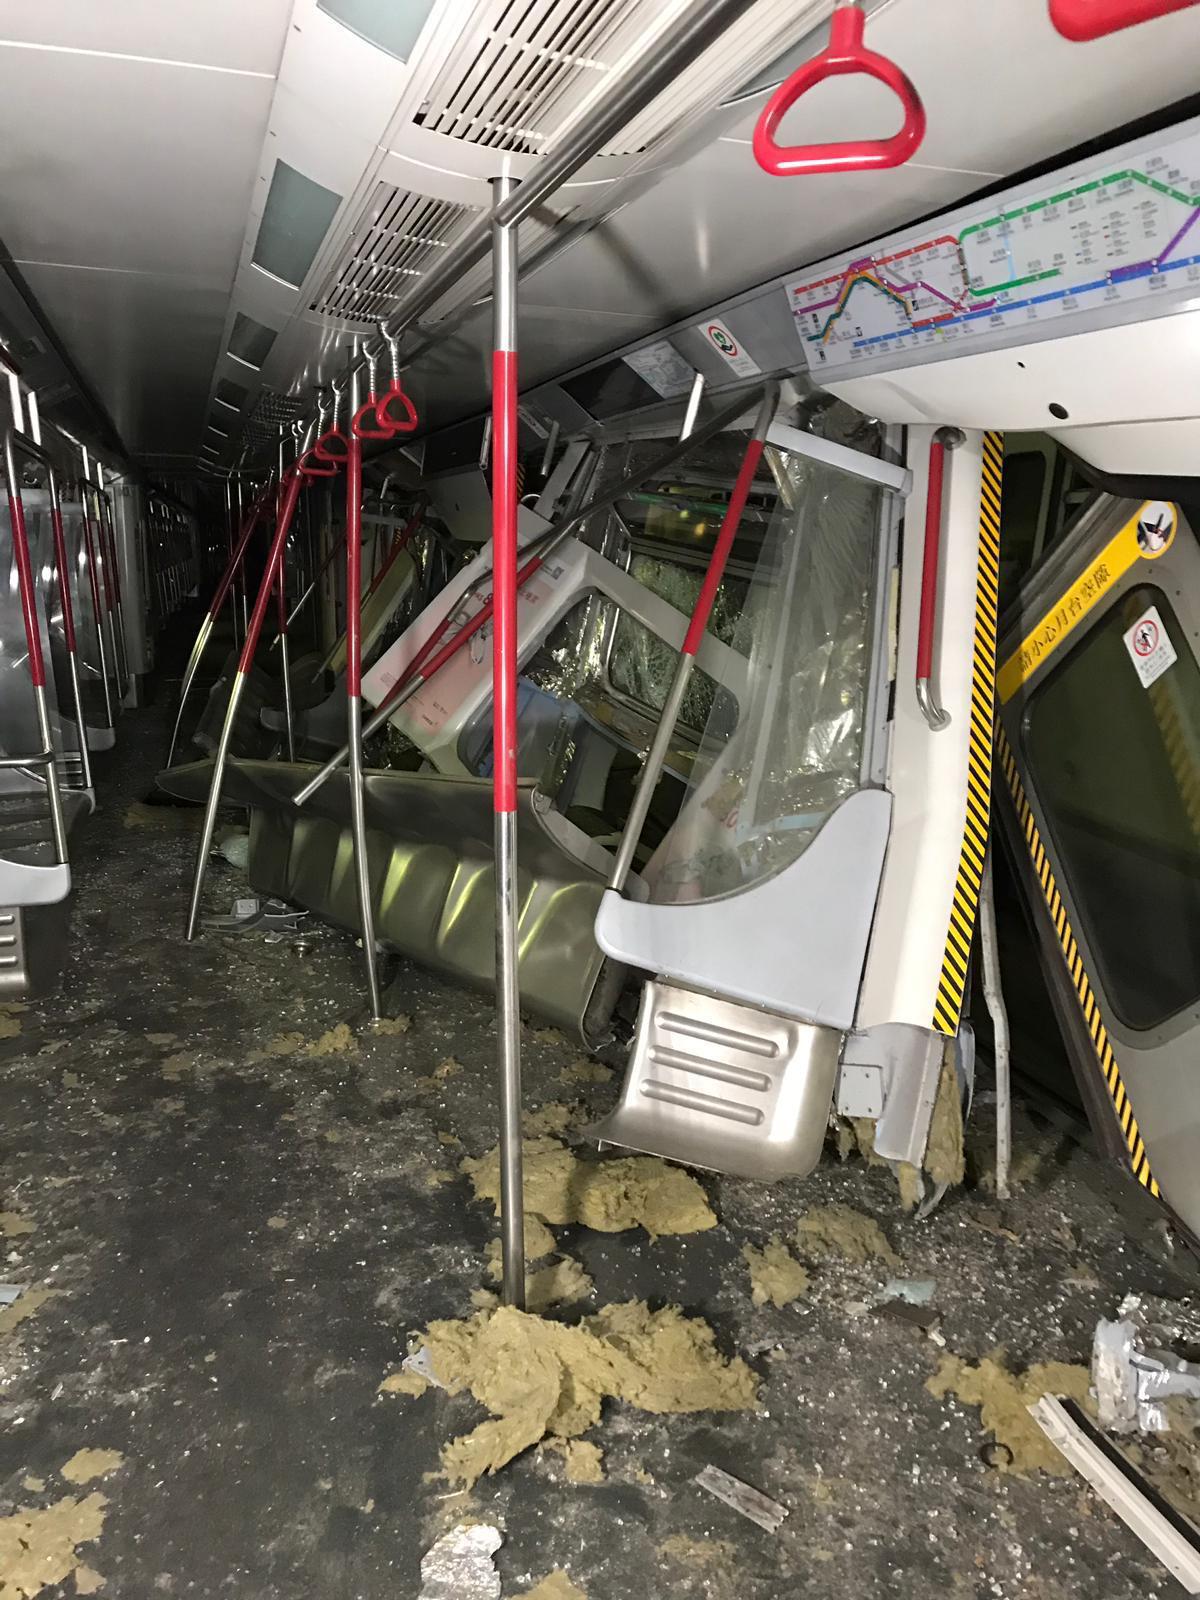 香港地下鉄、試験運転中に車両衝突 運転士1人けが